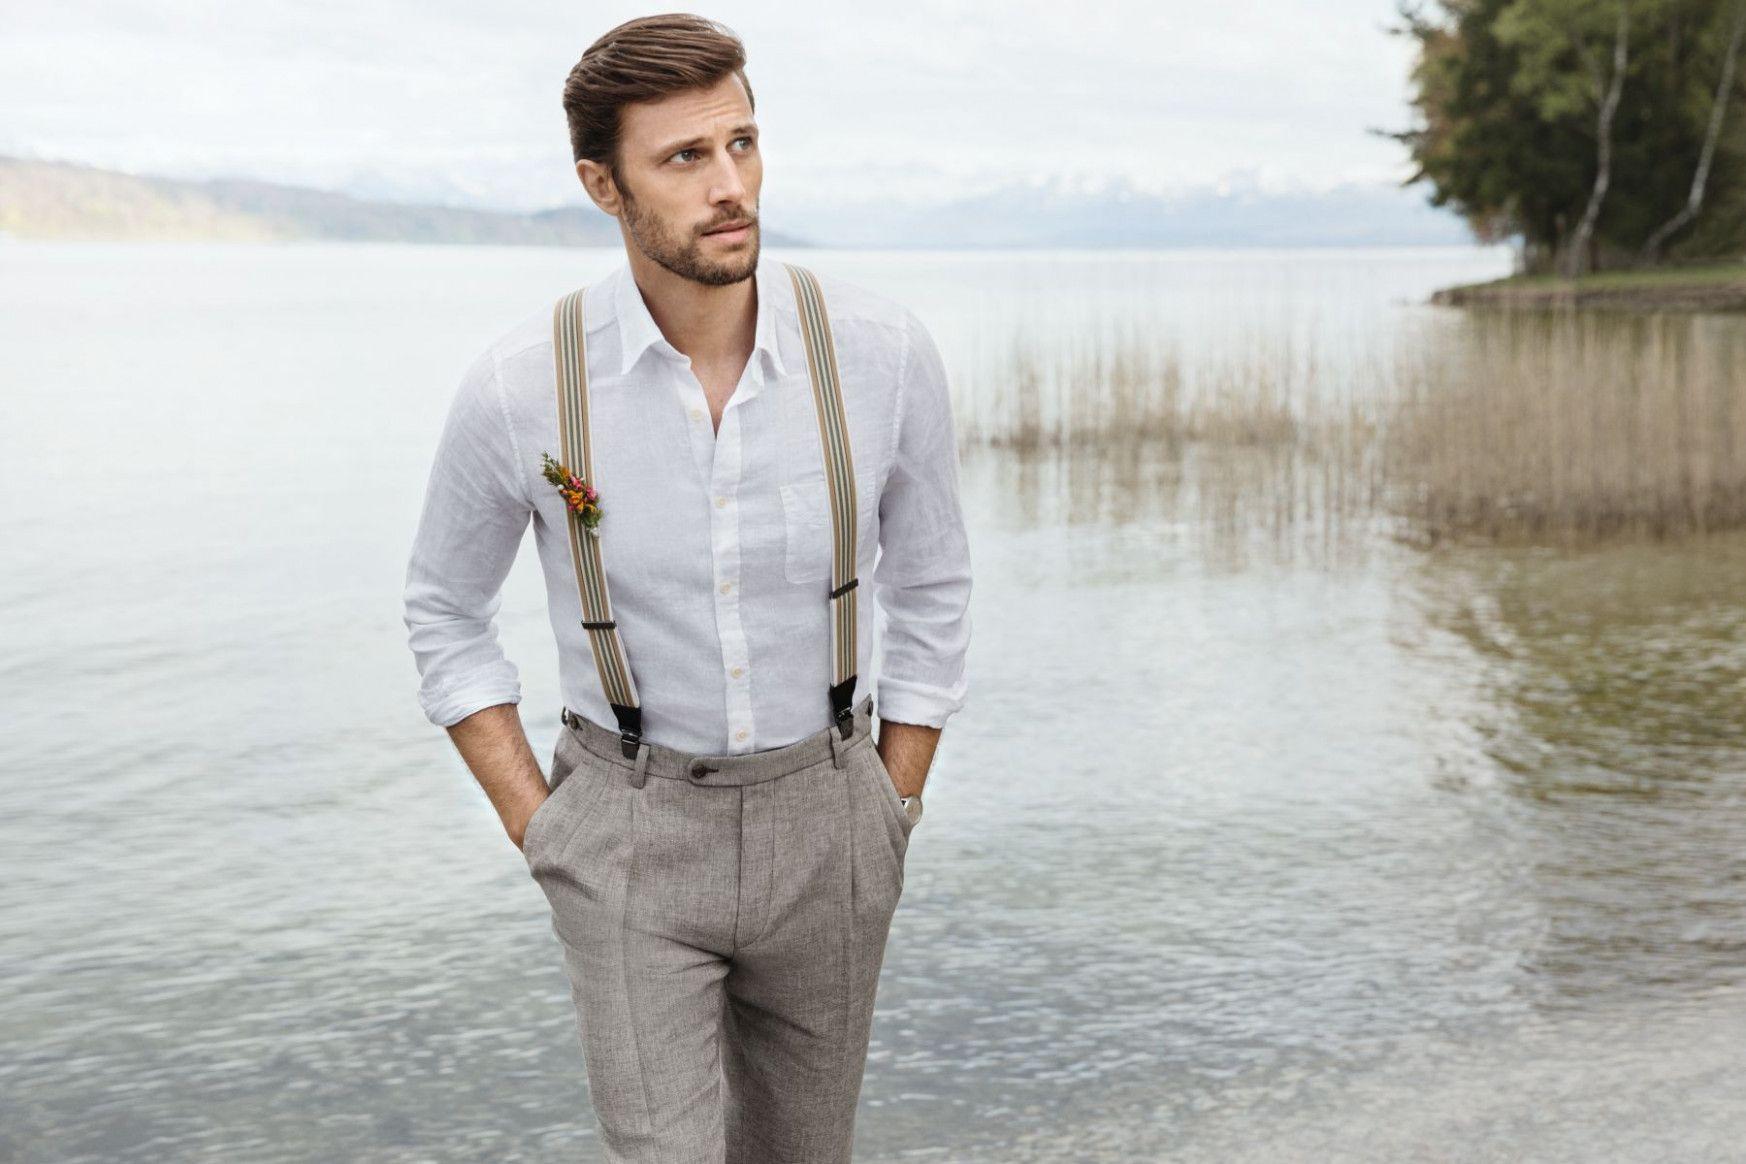 Boho Hochzeit Kleidung Männer In 2020 | Hochzeitsanzug